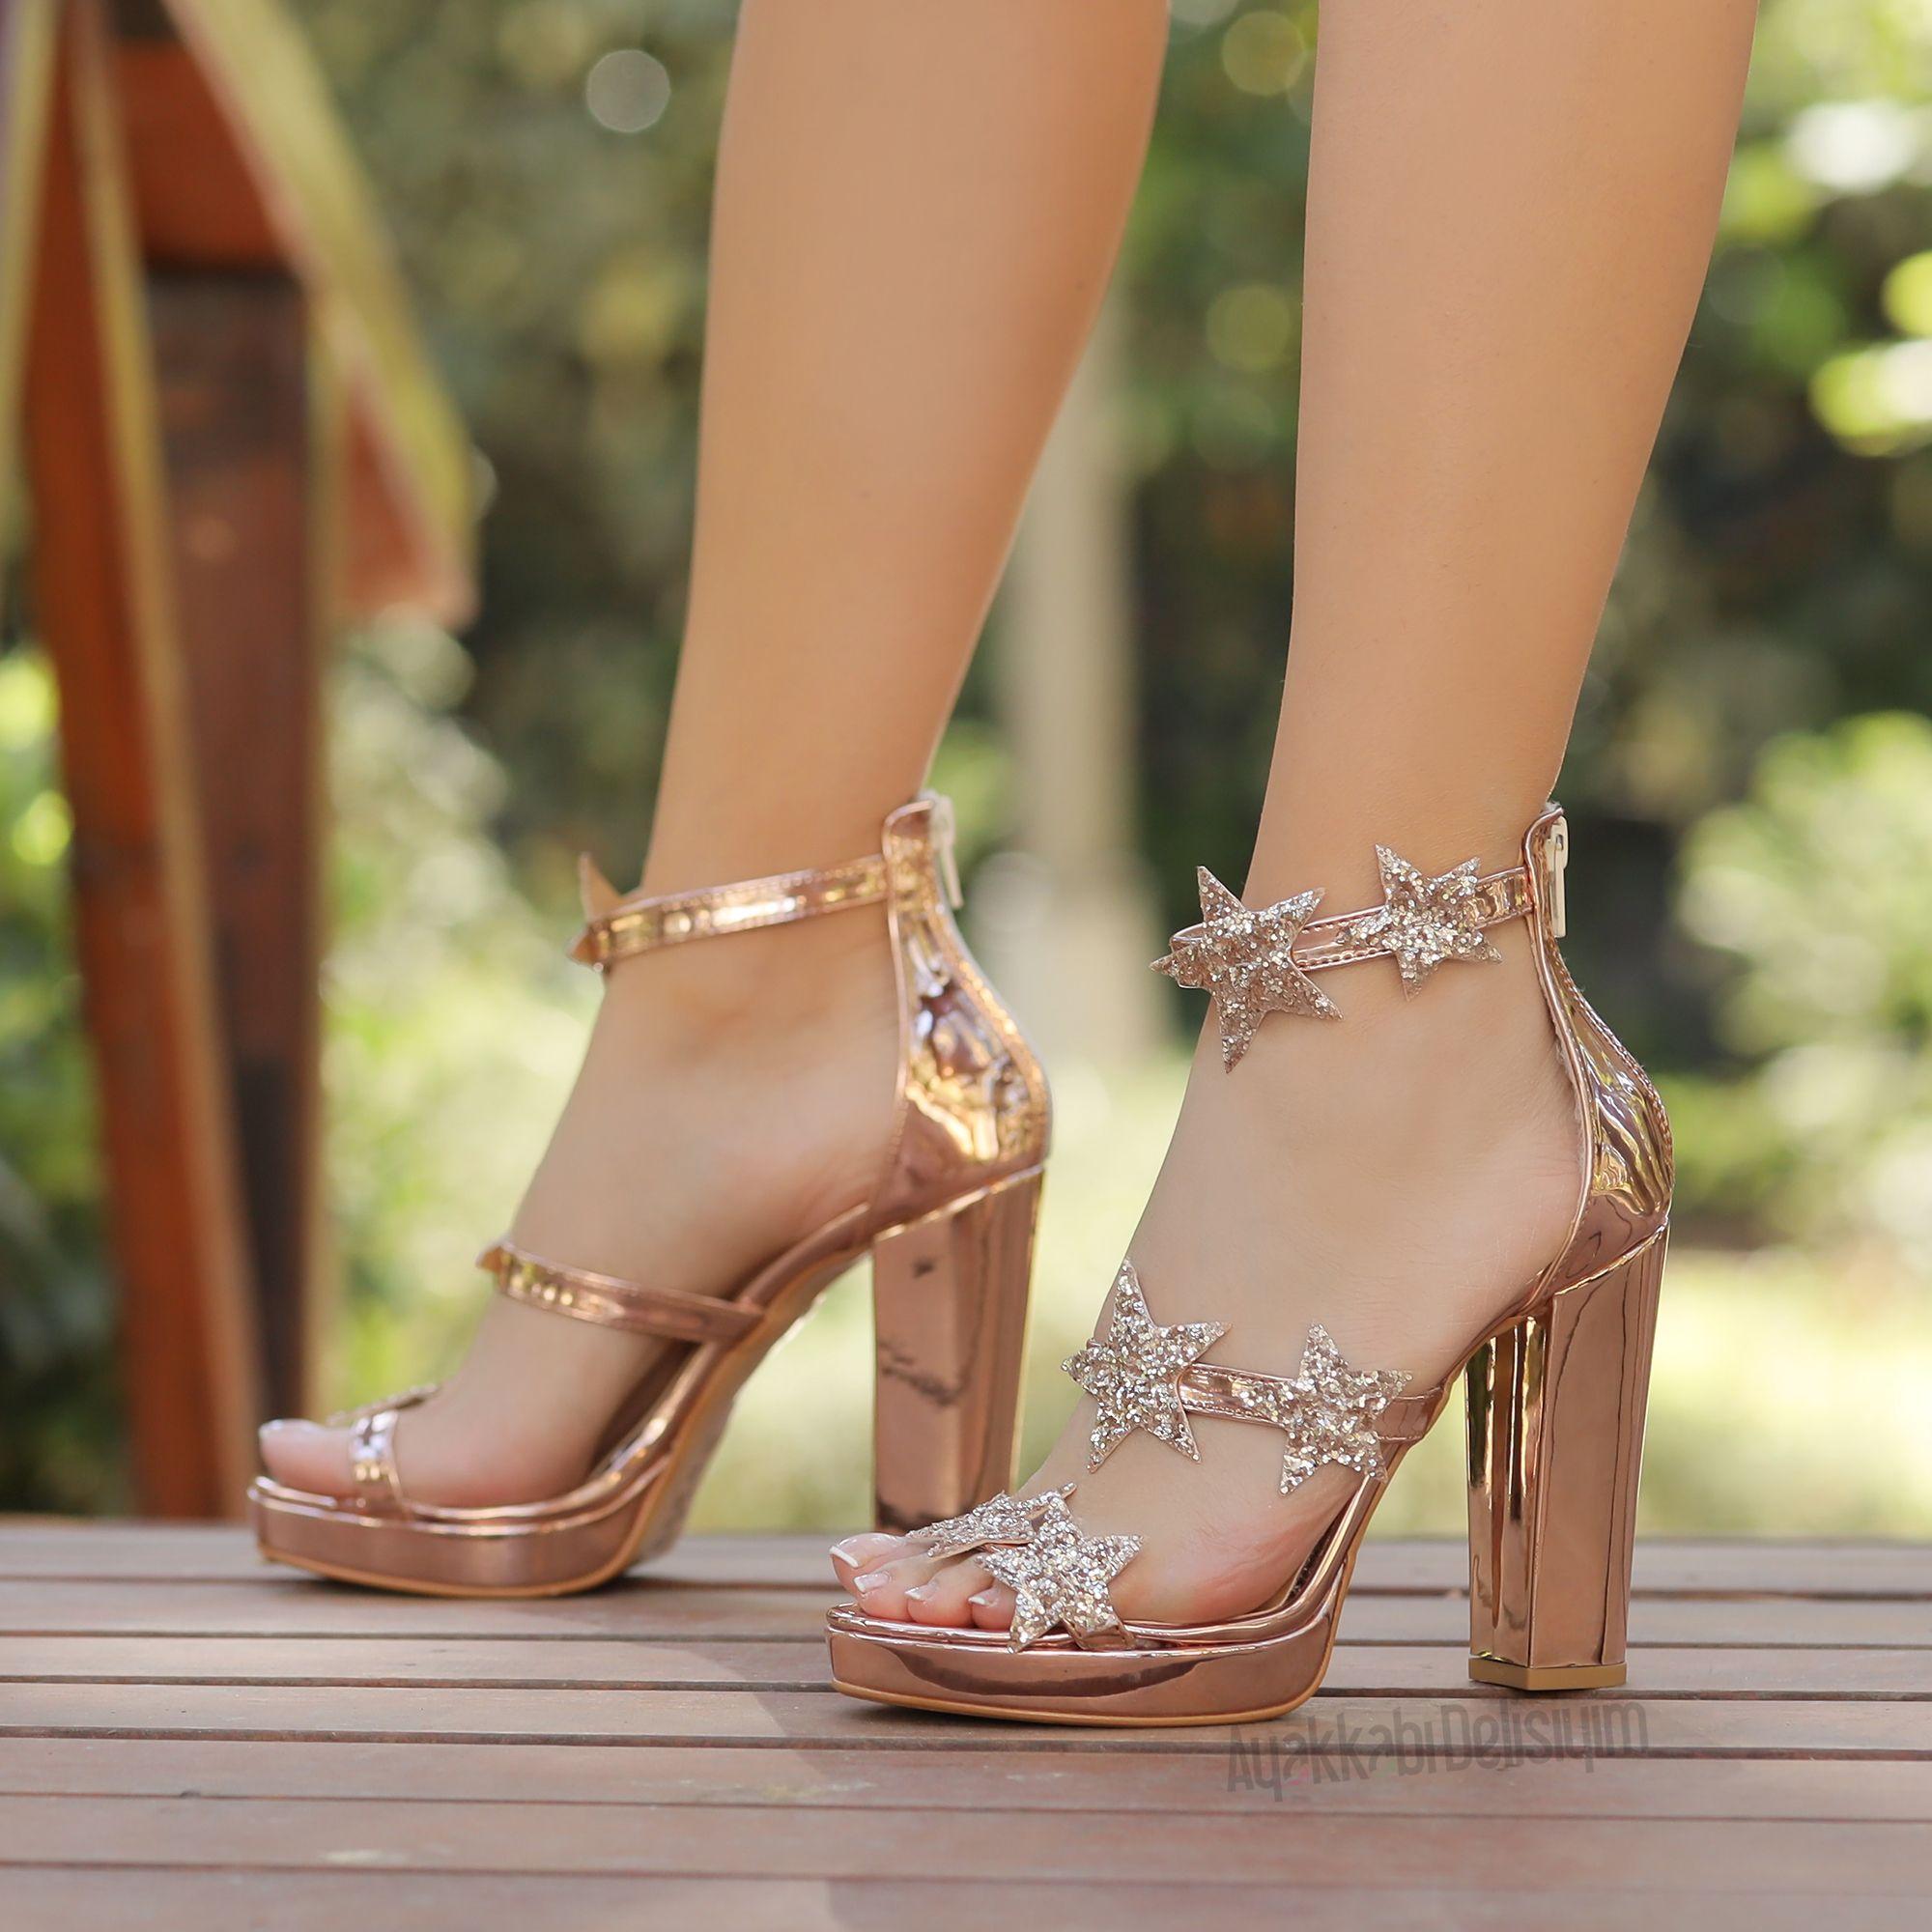 Yildizli Rose Topuklu Ayakkabi Simli Abiye Ayakkabi Rose Gold Ayakkabi Nisan Icin Ayakkabi 2020 Topuklular Topuklu Ayakkabilar Ayakkabilar